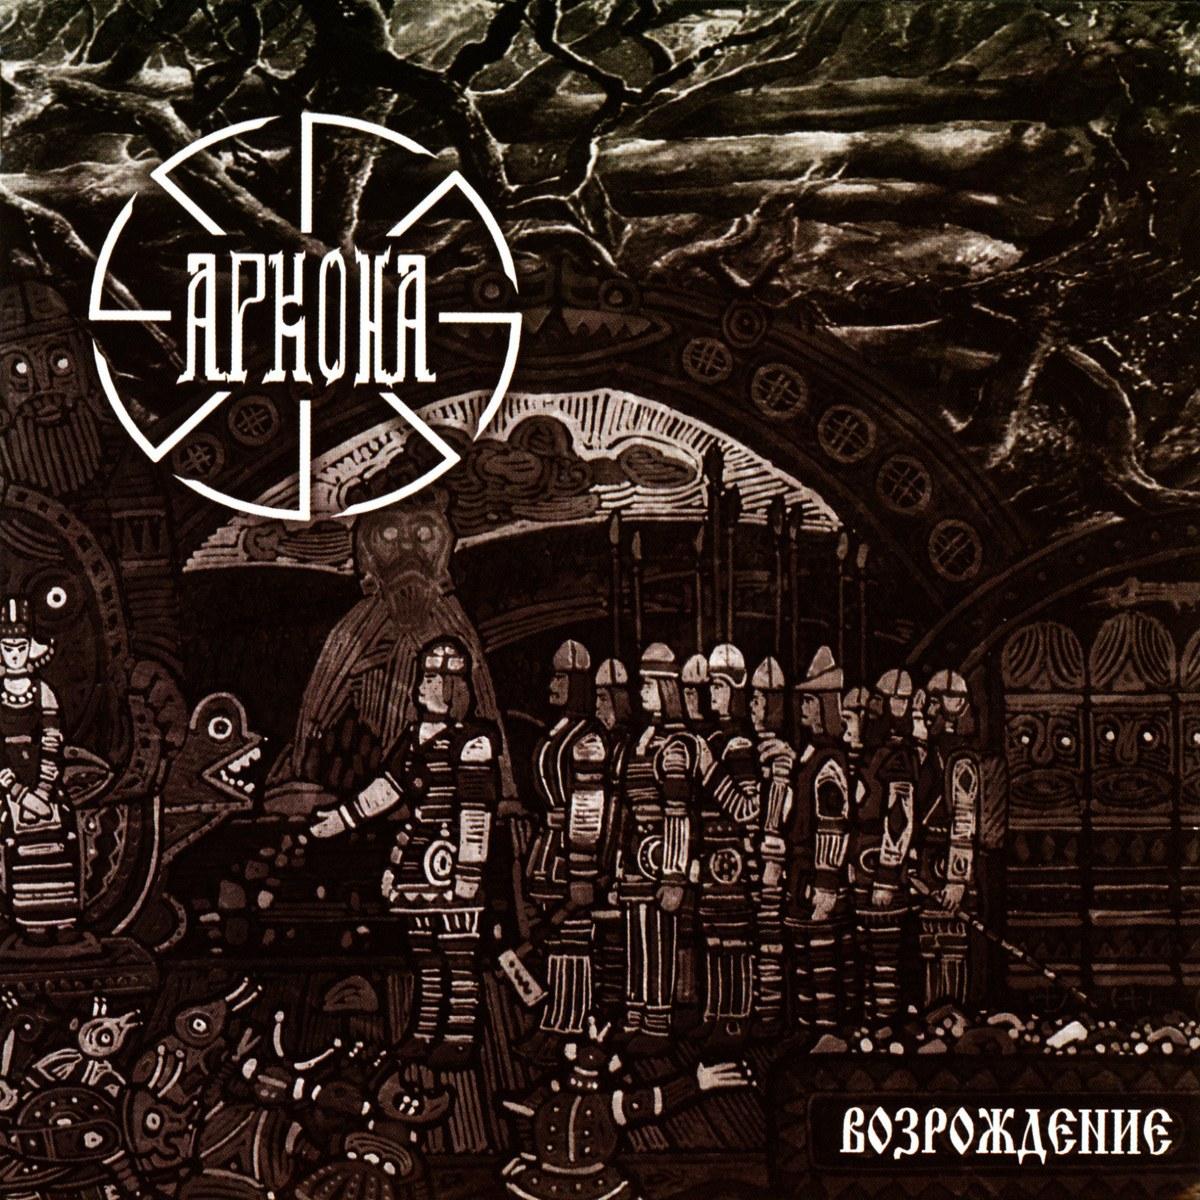 Review for Arkona / Аркона (RUS) - Возрождение